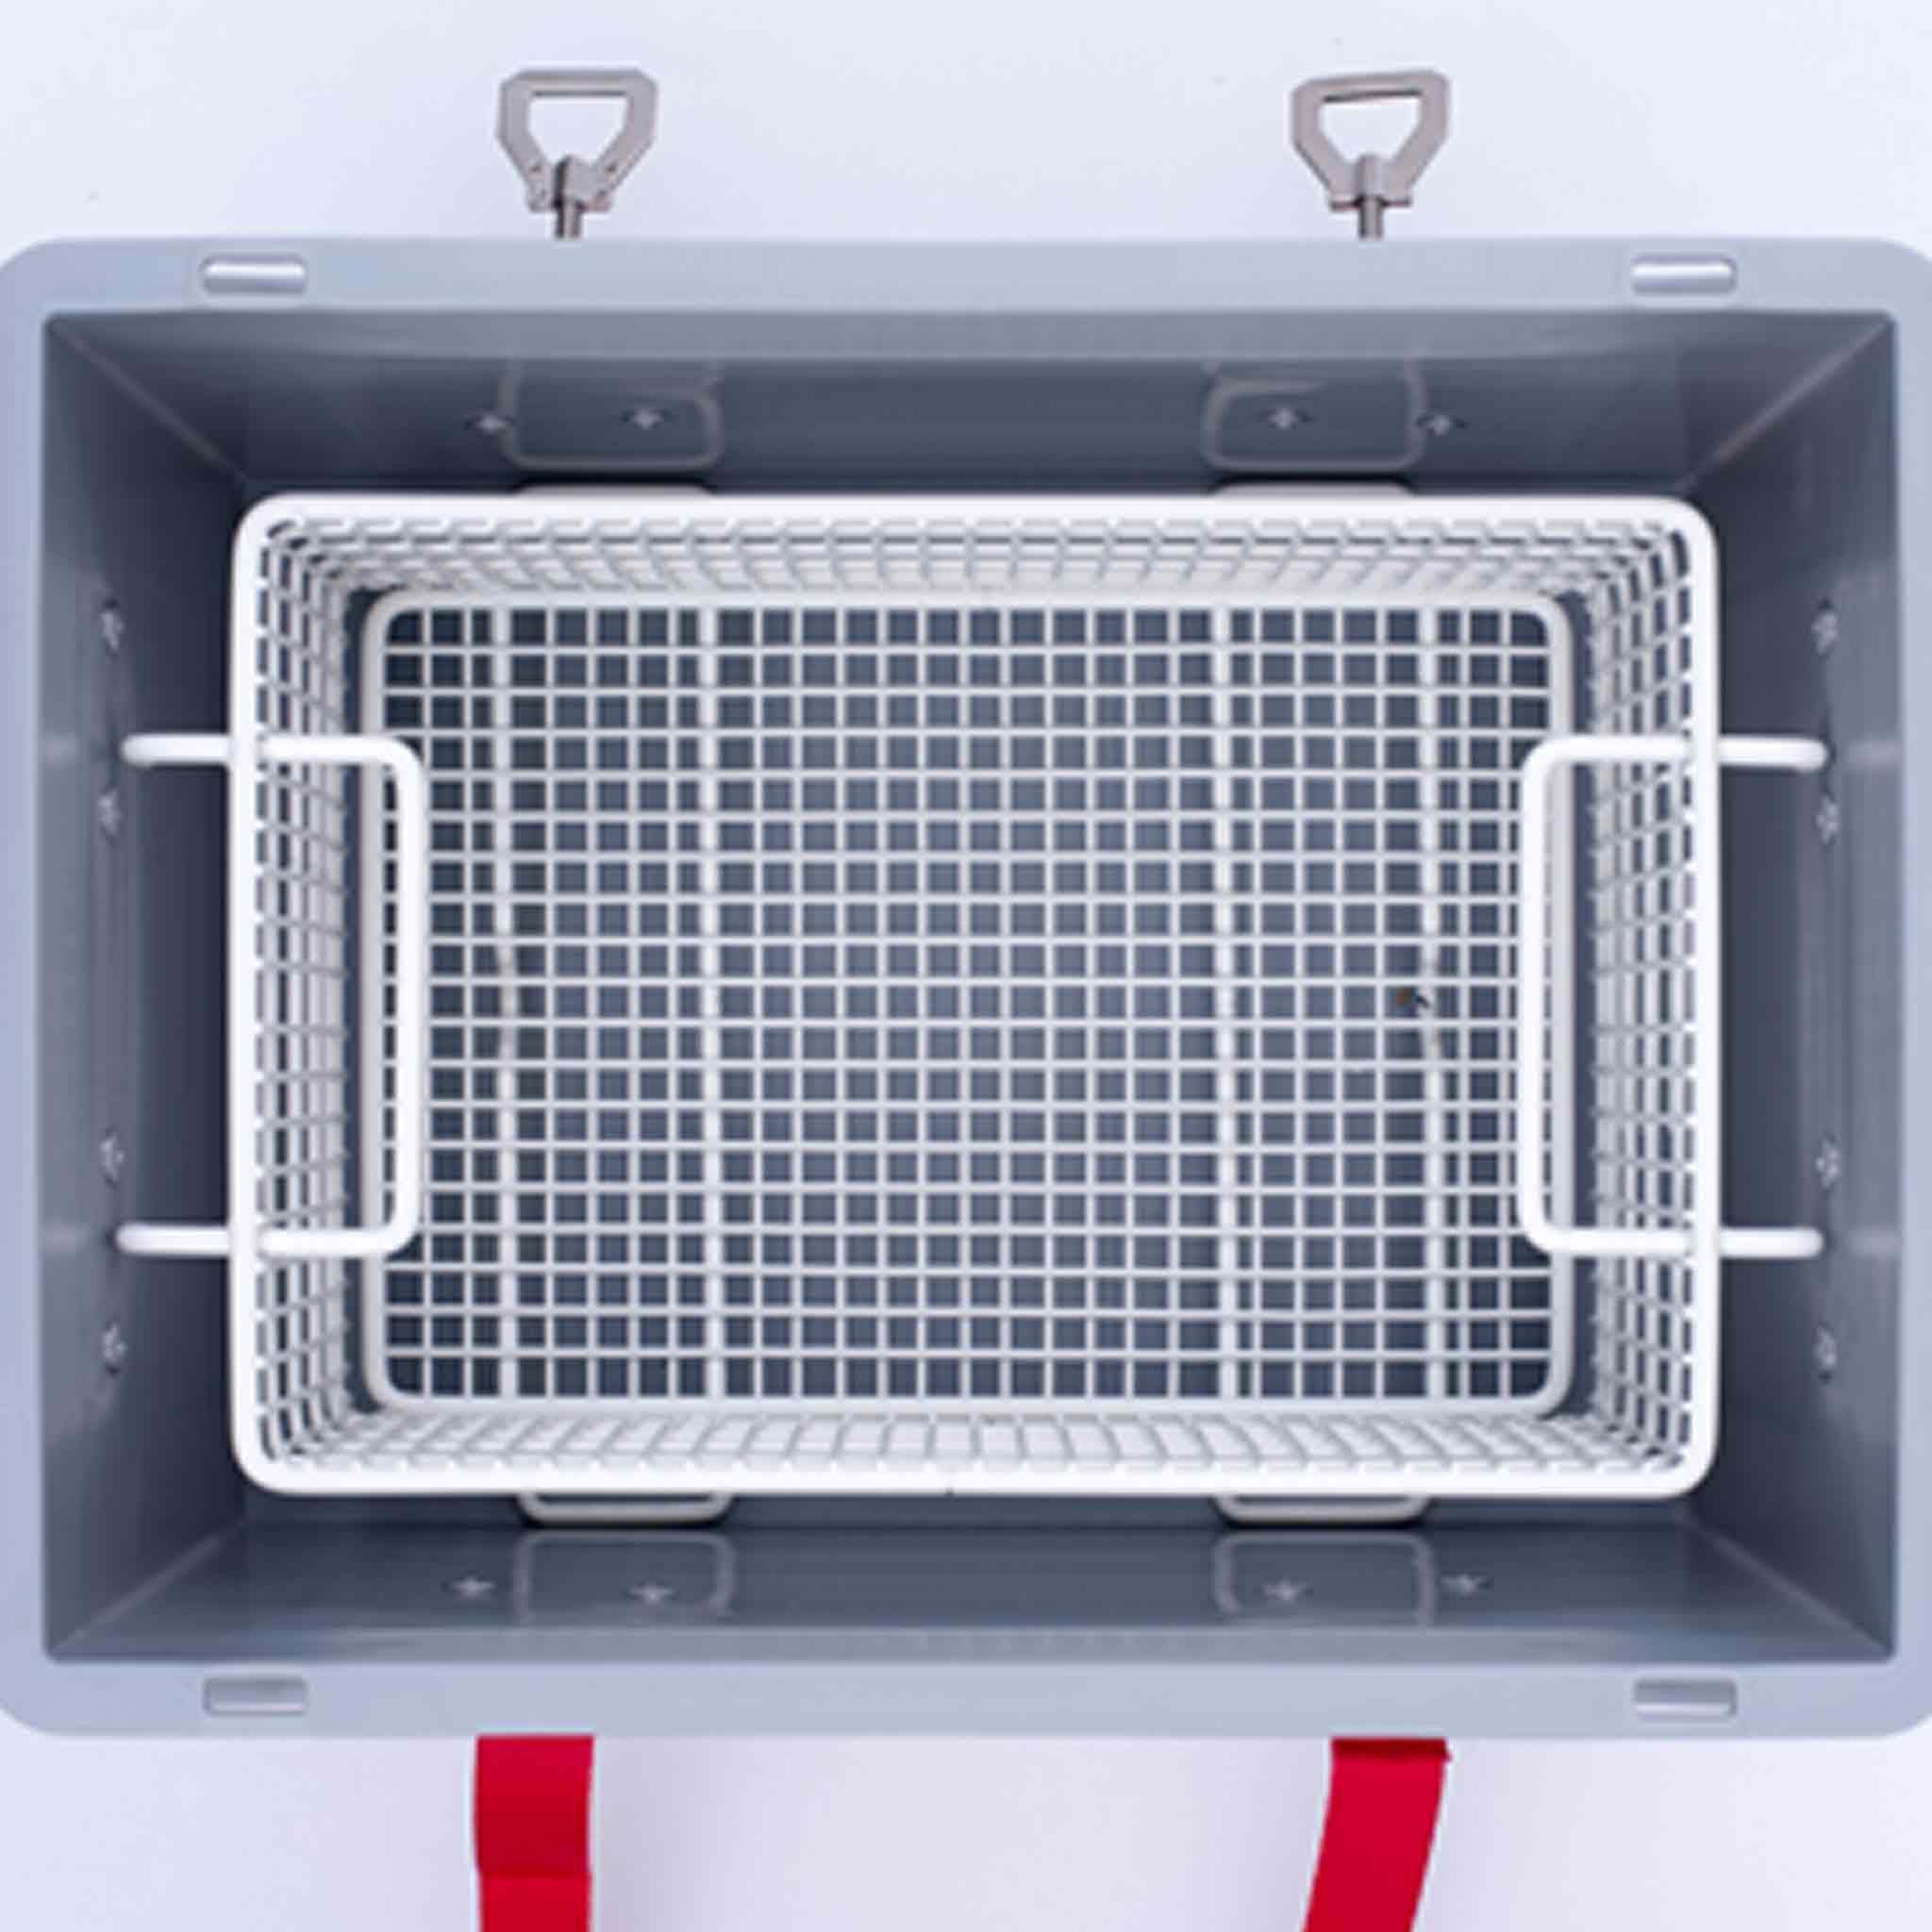 XS-Box - 1 ADVANCED   400 X 300 X 235 mm